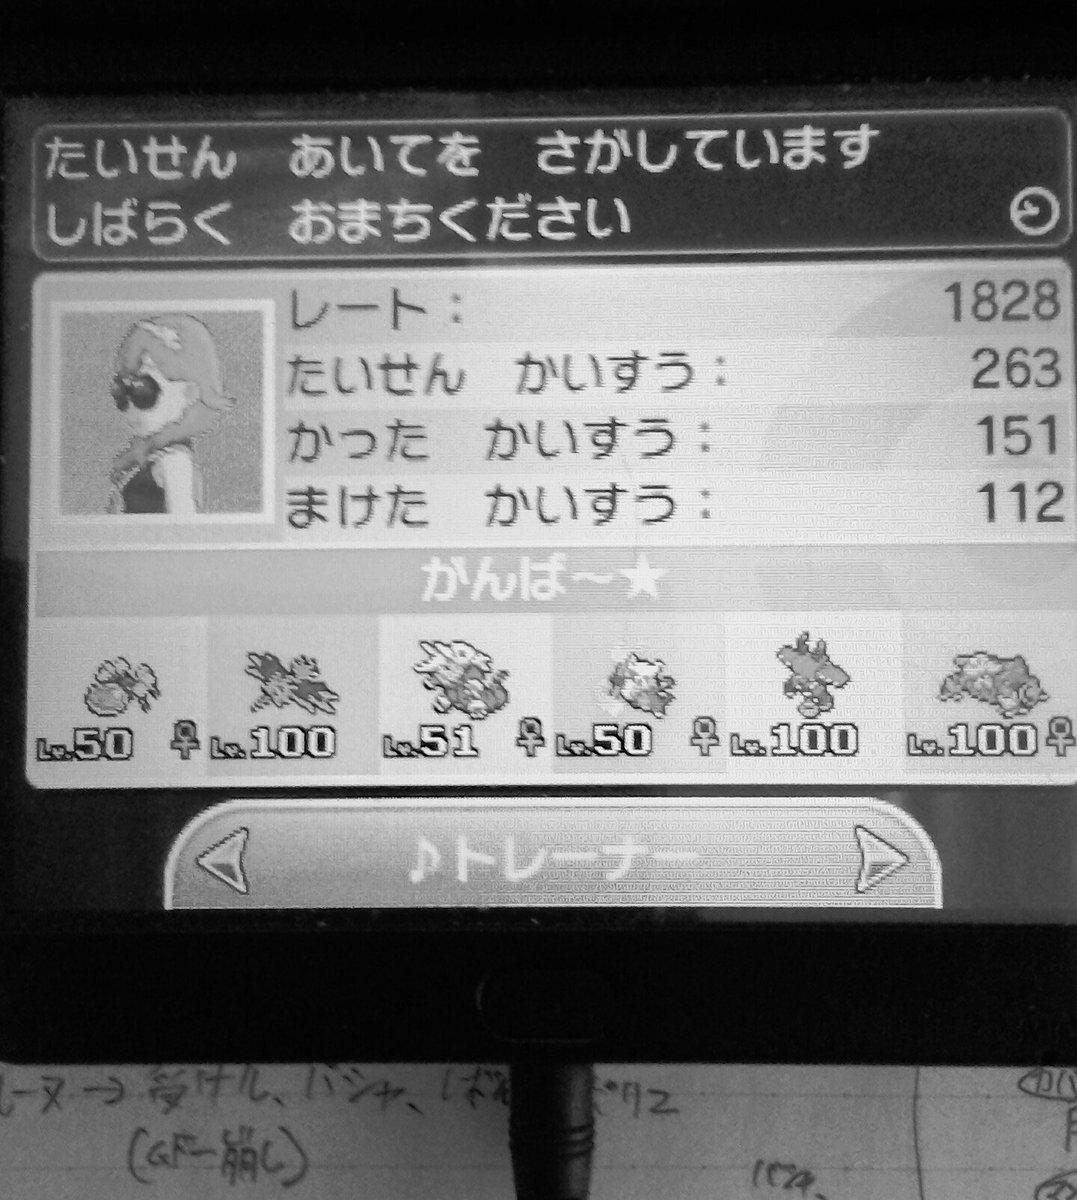 f:id:yaterugumasukisukizamurai:20190625123946j:plain